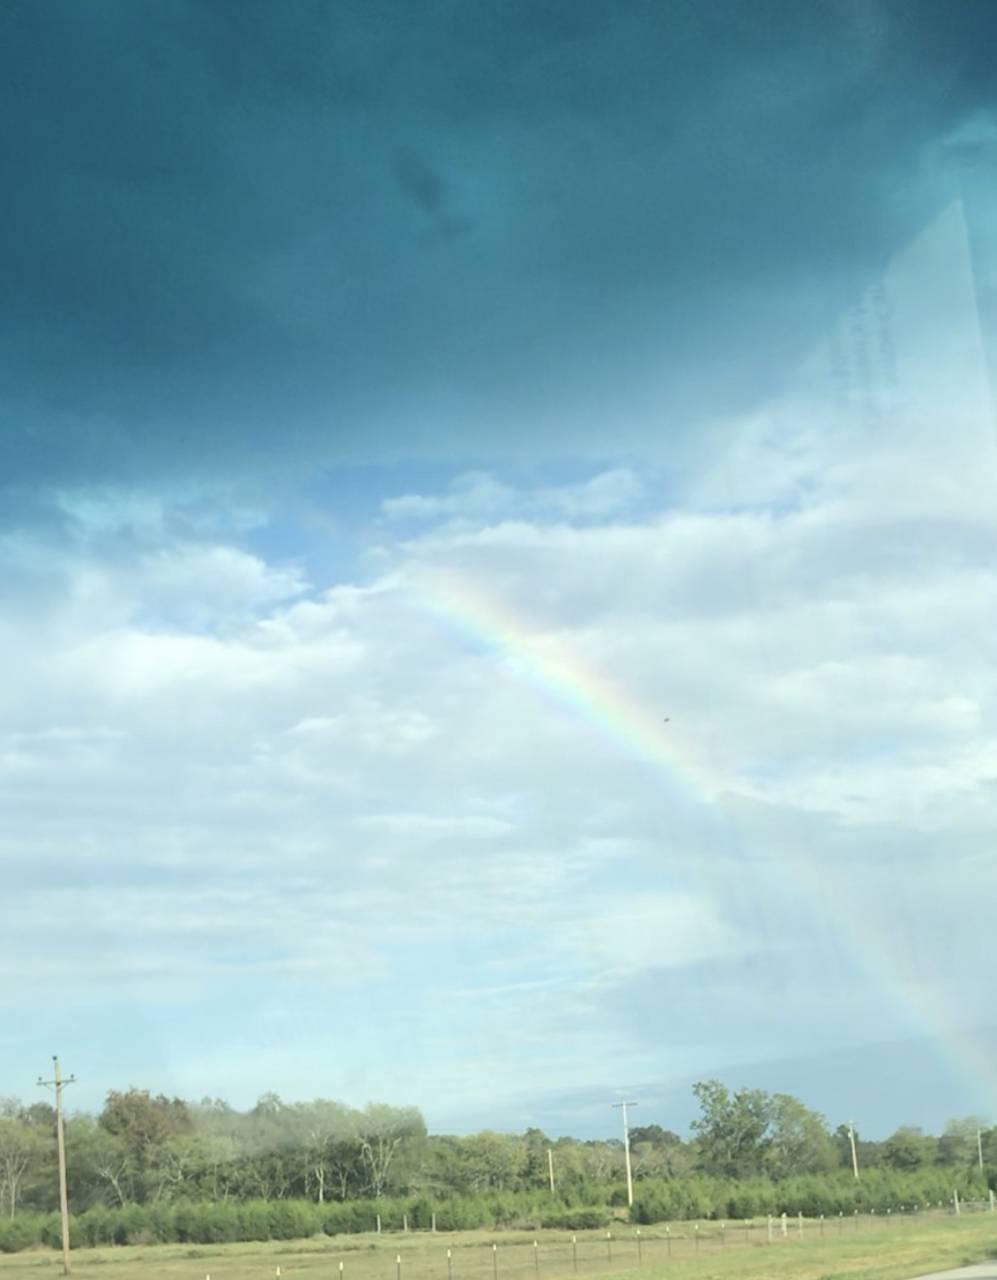 Over a rainbow